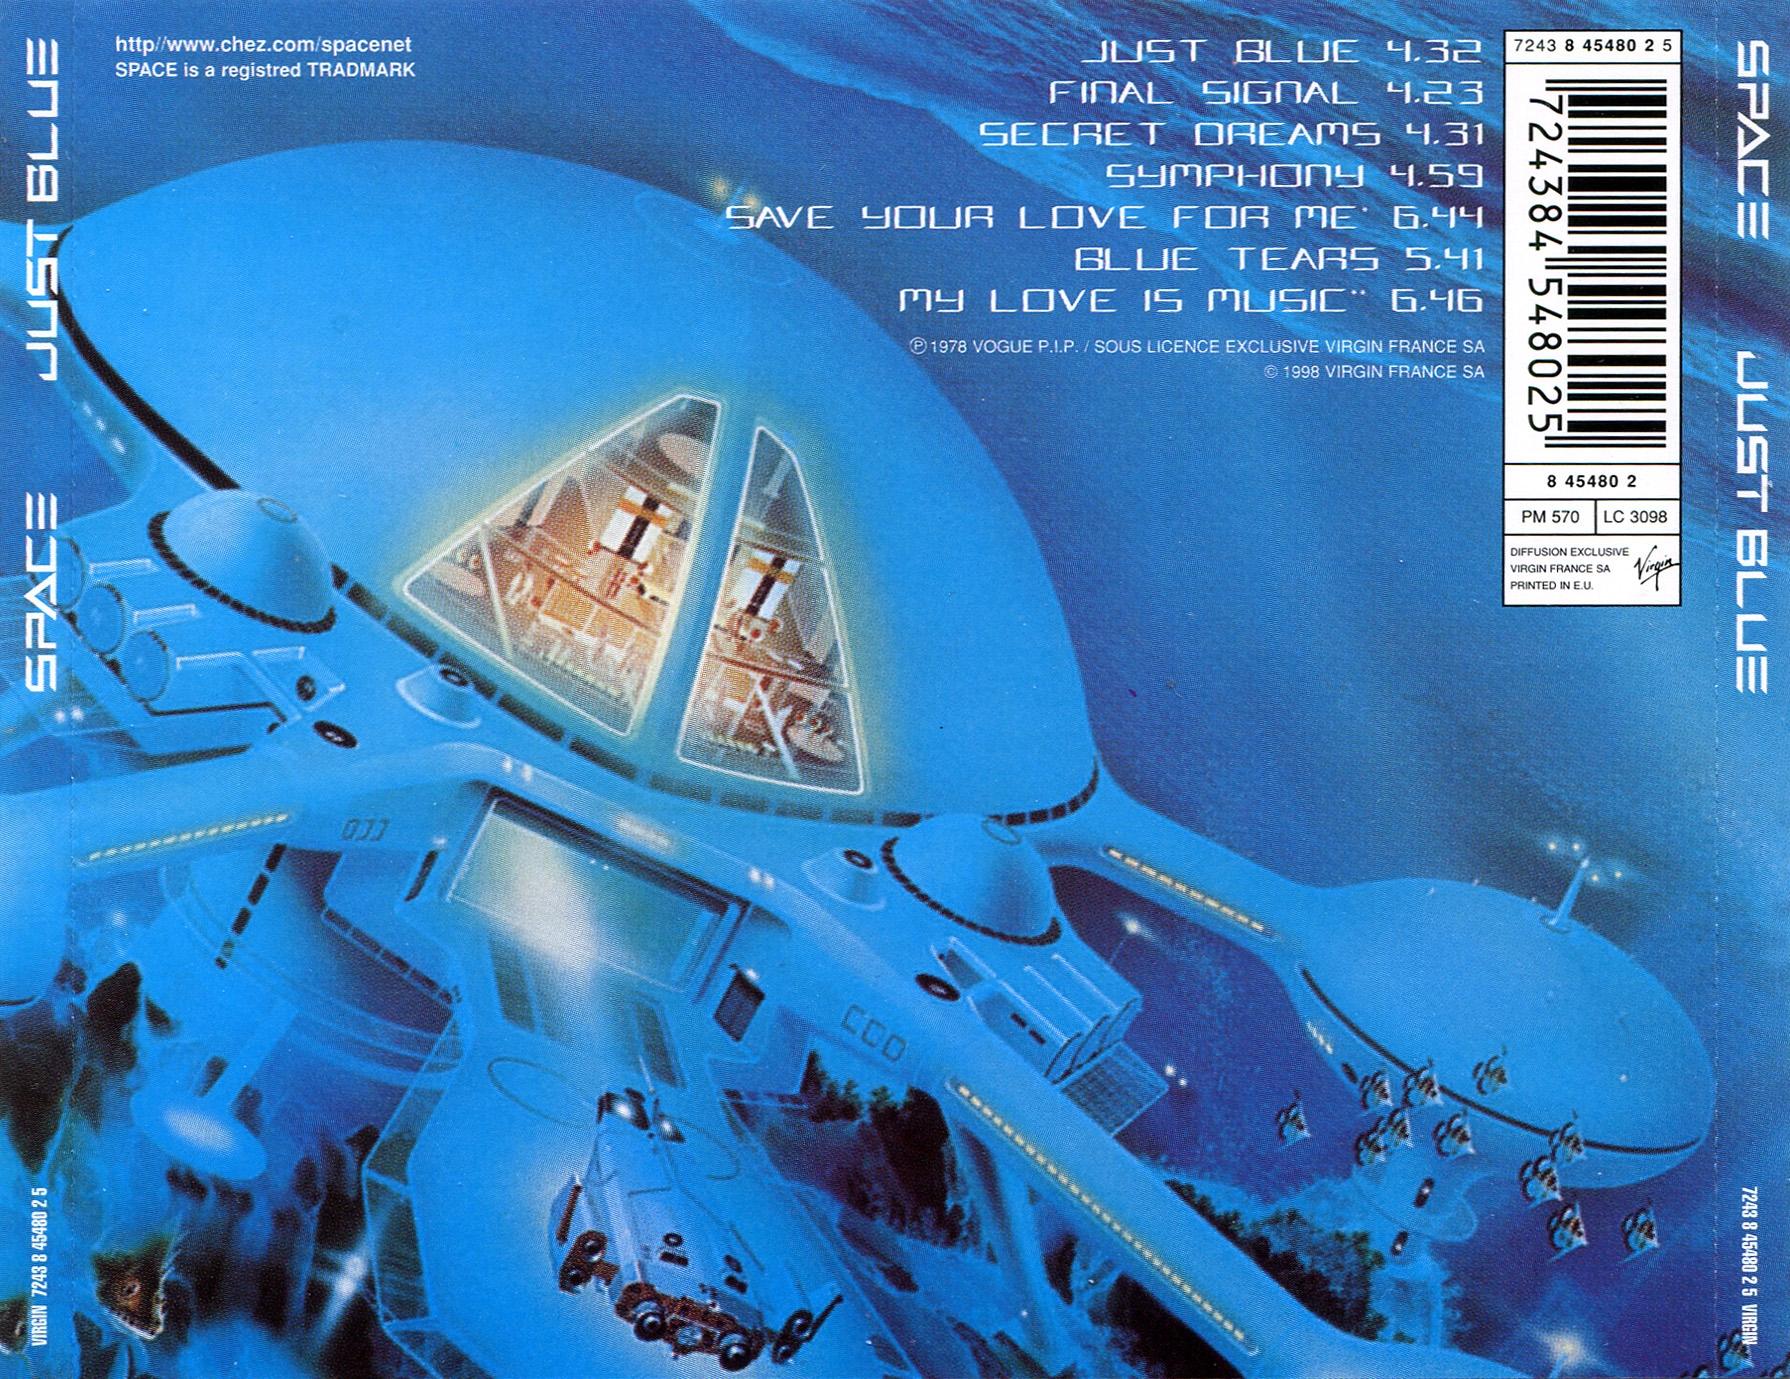 Space just blue mp3 скачать бесплатно